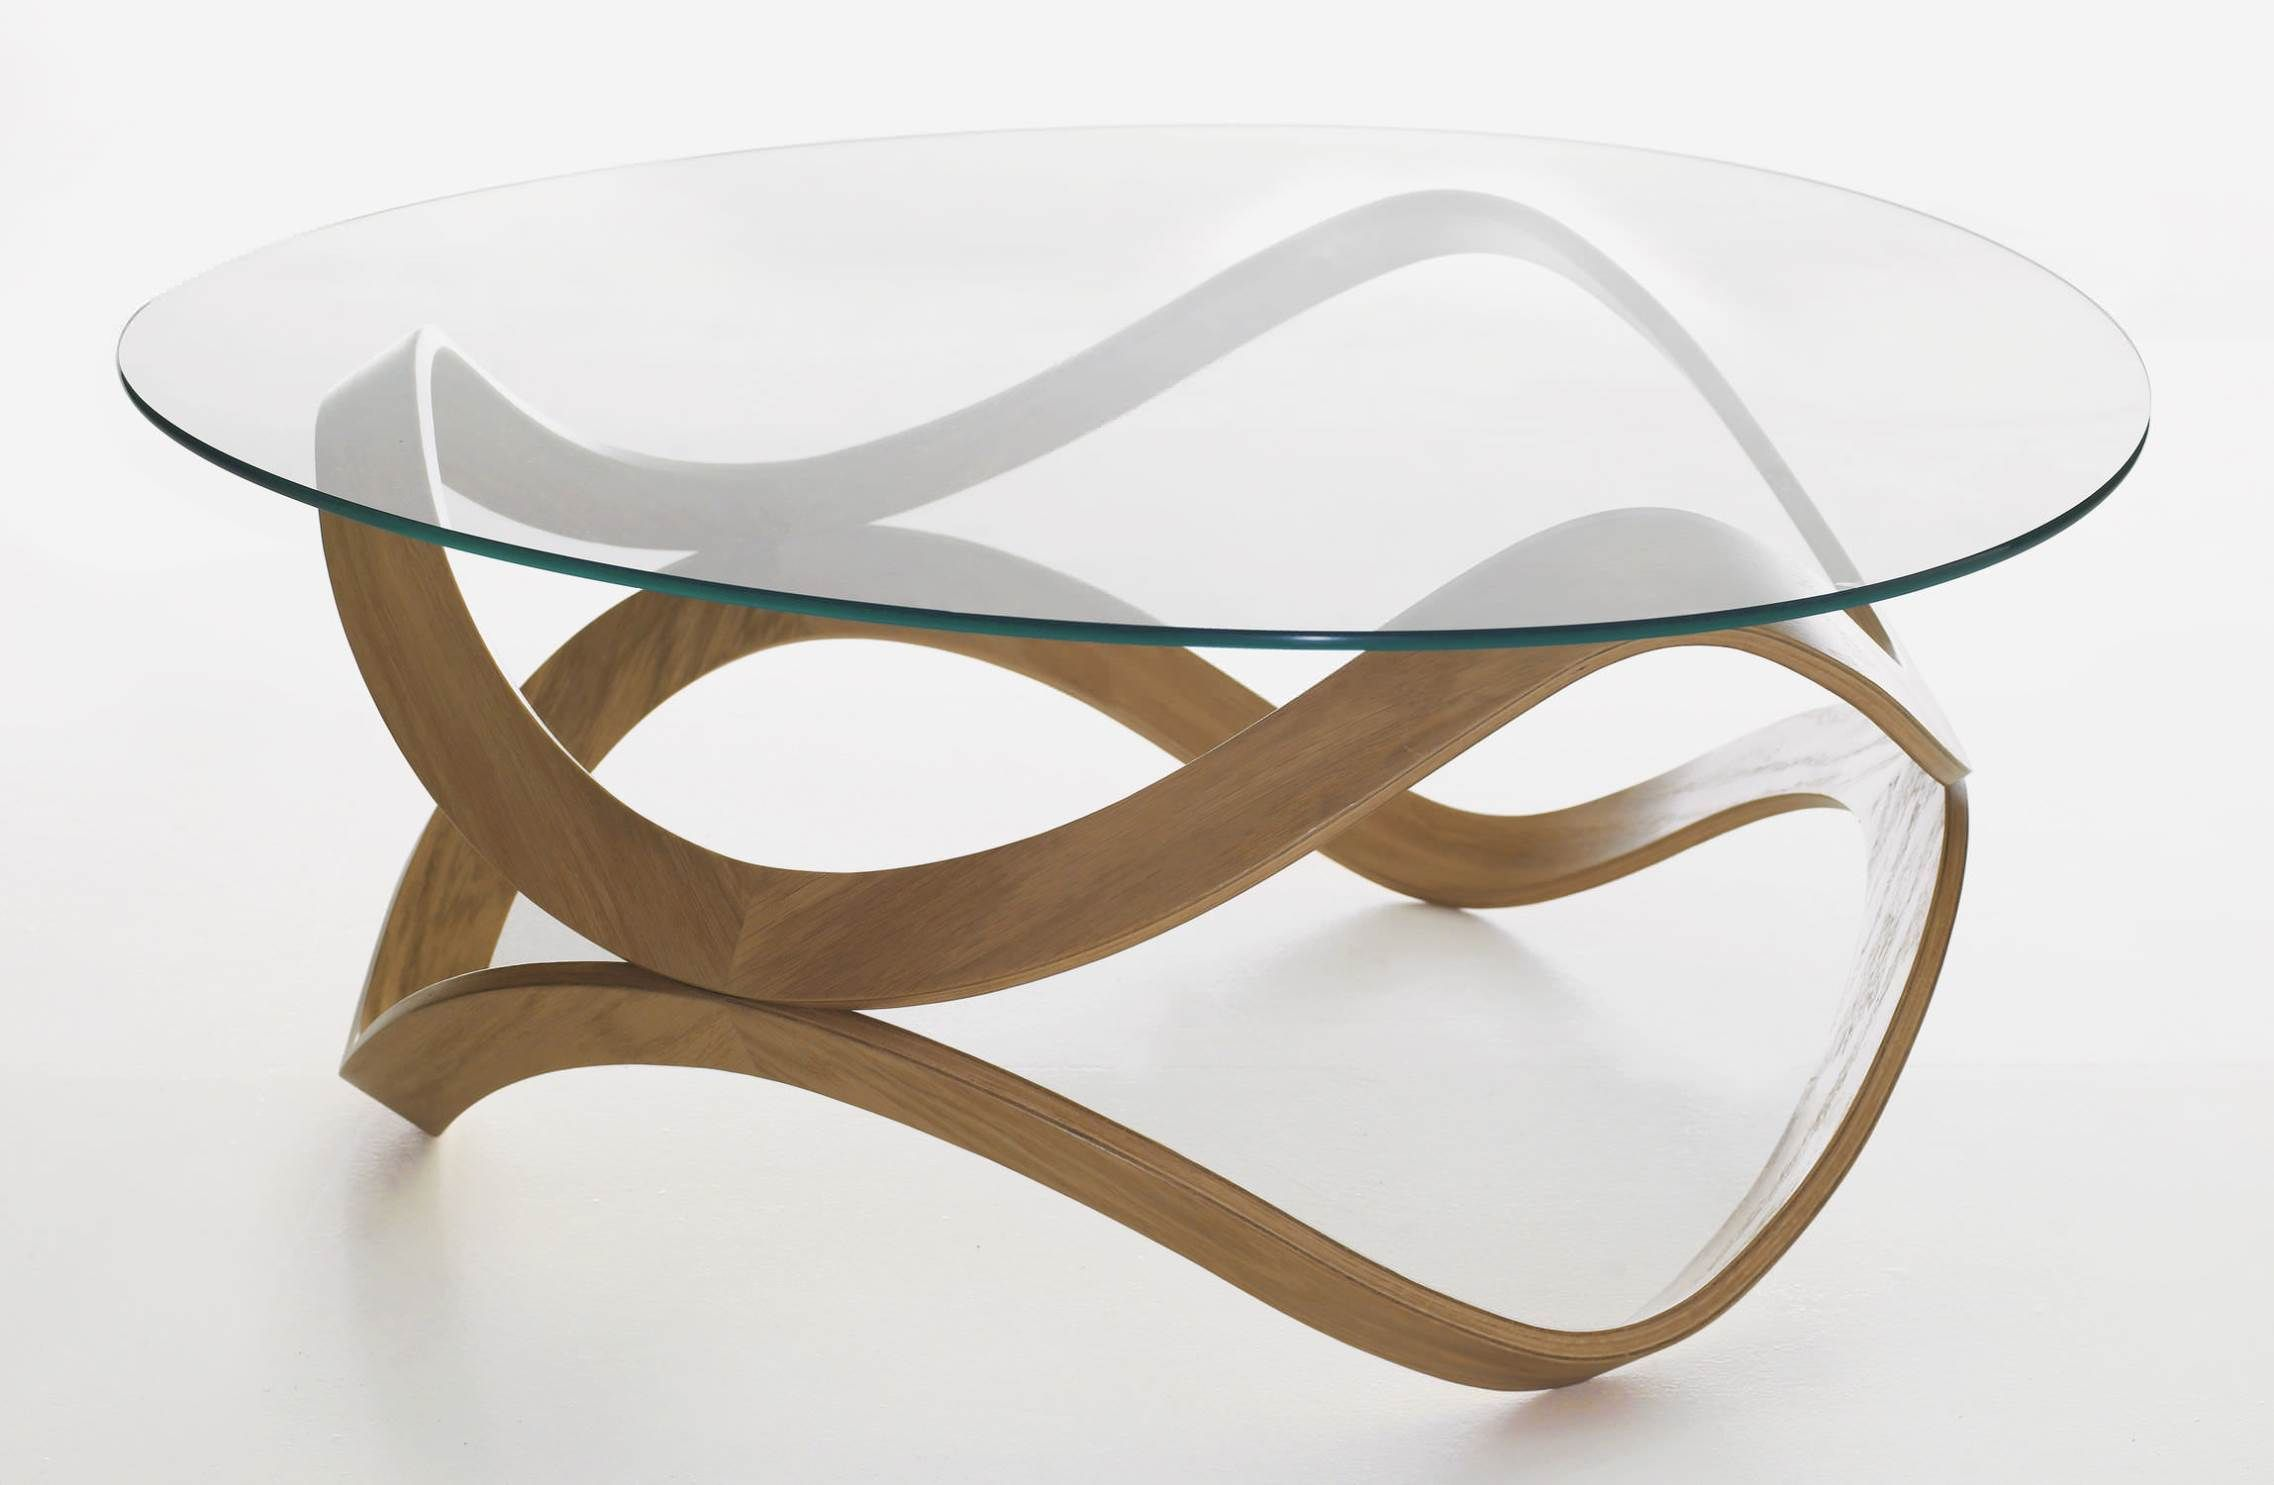 Ikea Glas Couchtisch Ideen Fur Wohnzimmer Glas Couchtisch